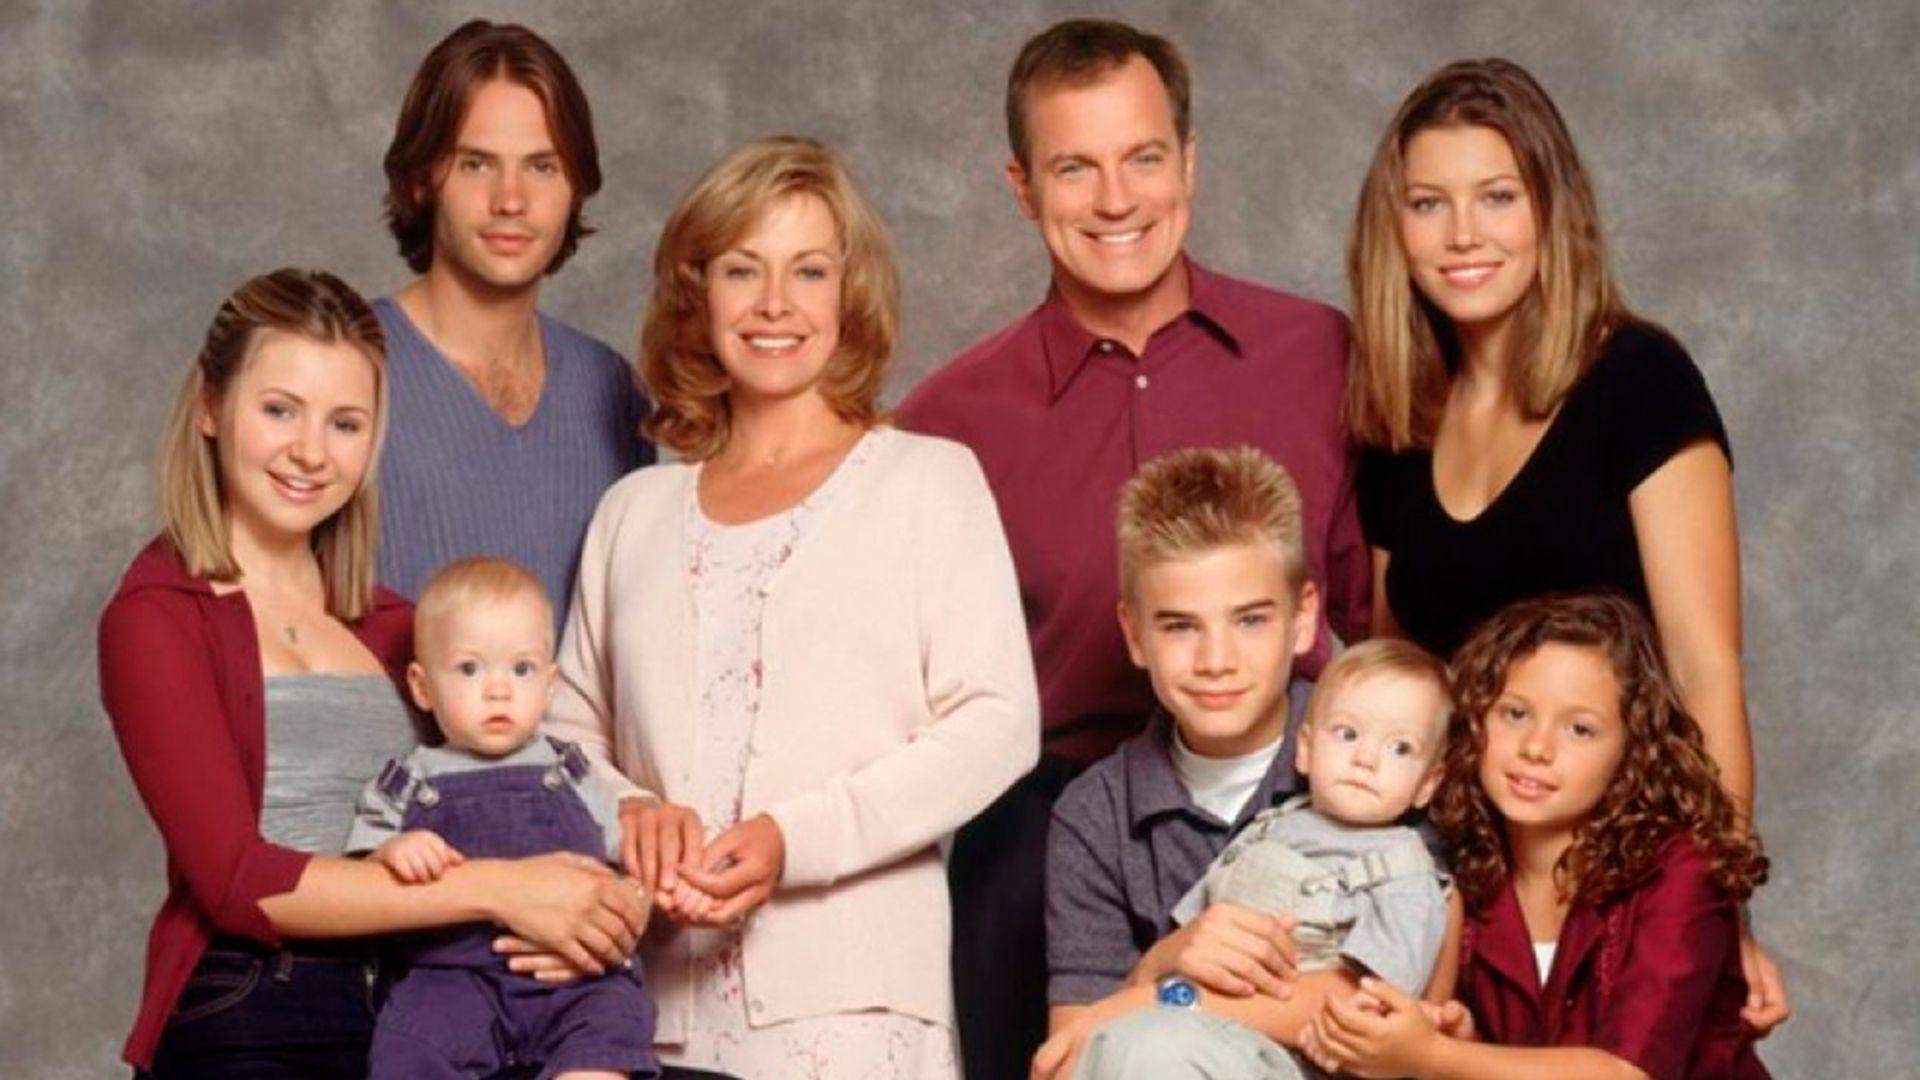 """Lorenzo Brino, un actor de """"7th Heaven"""", murió de un accidente fatal a los 21 años"""